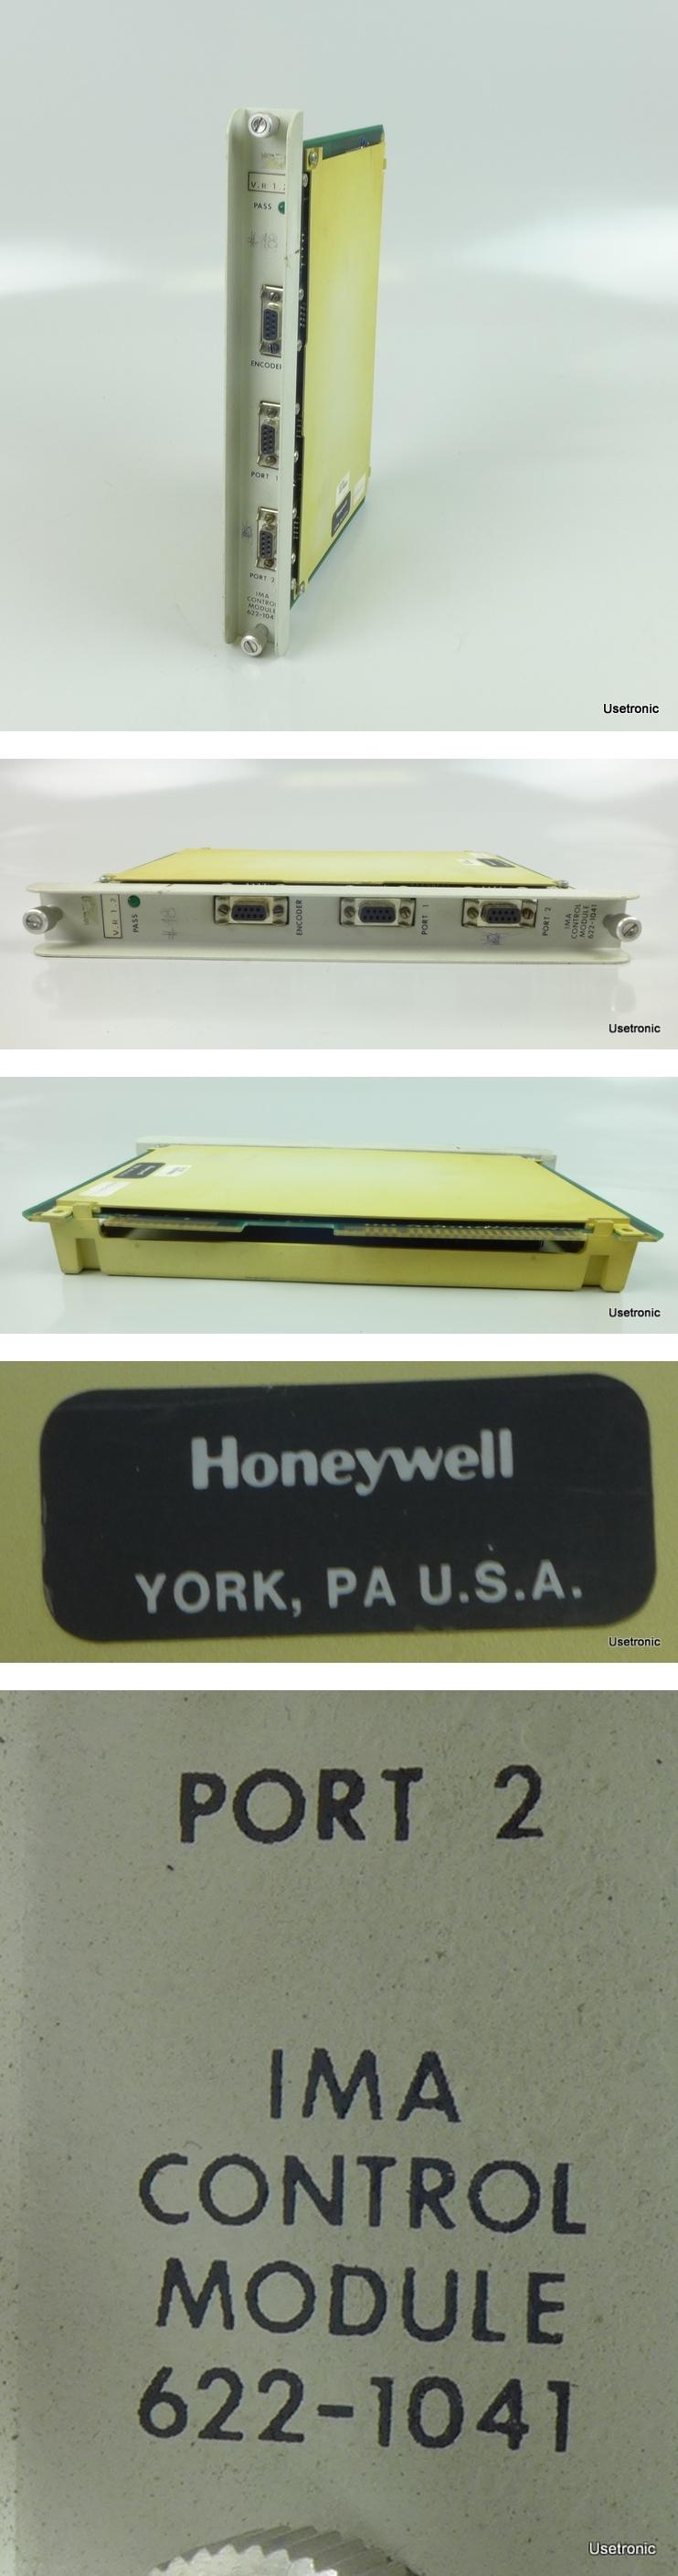 Honeywell 622-1041